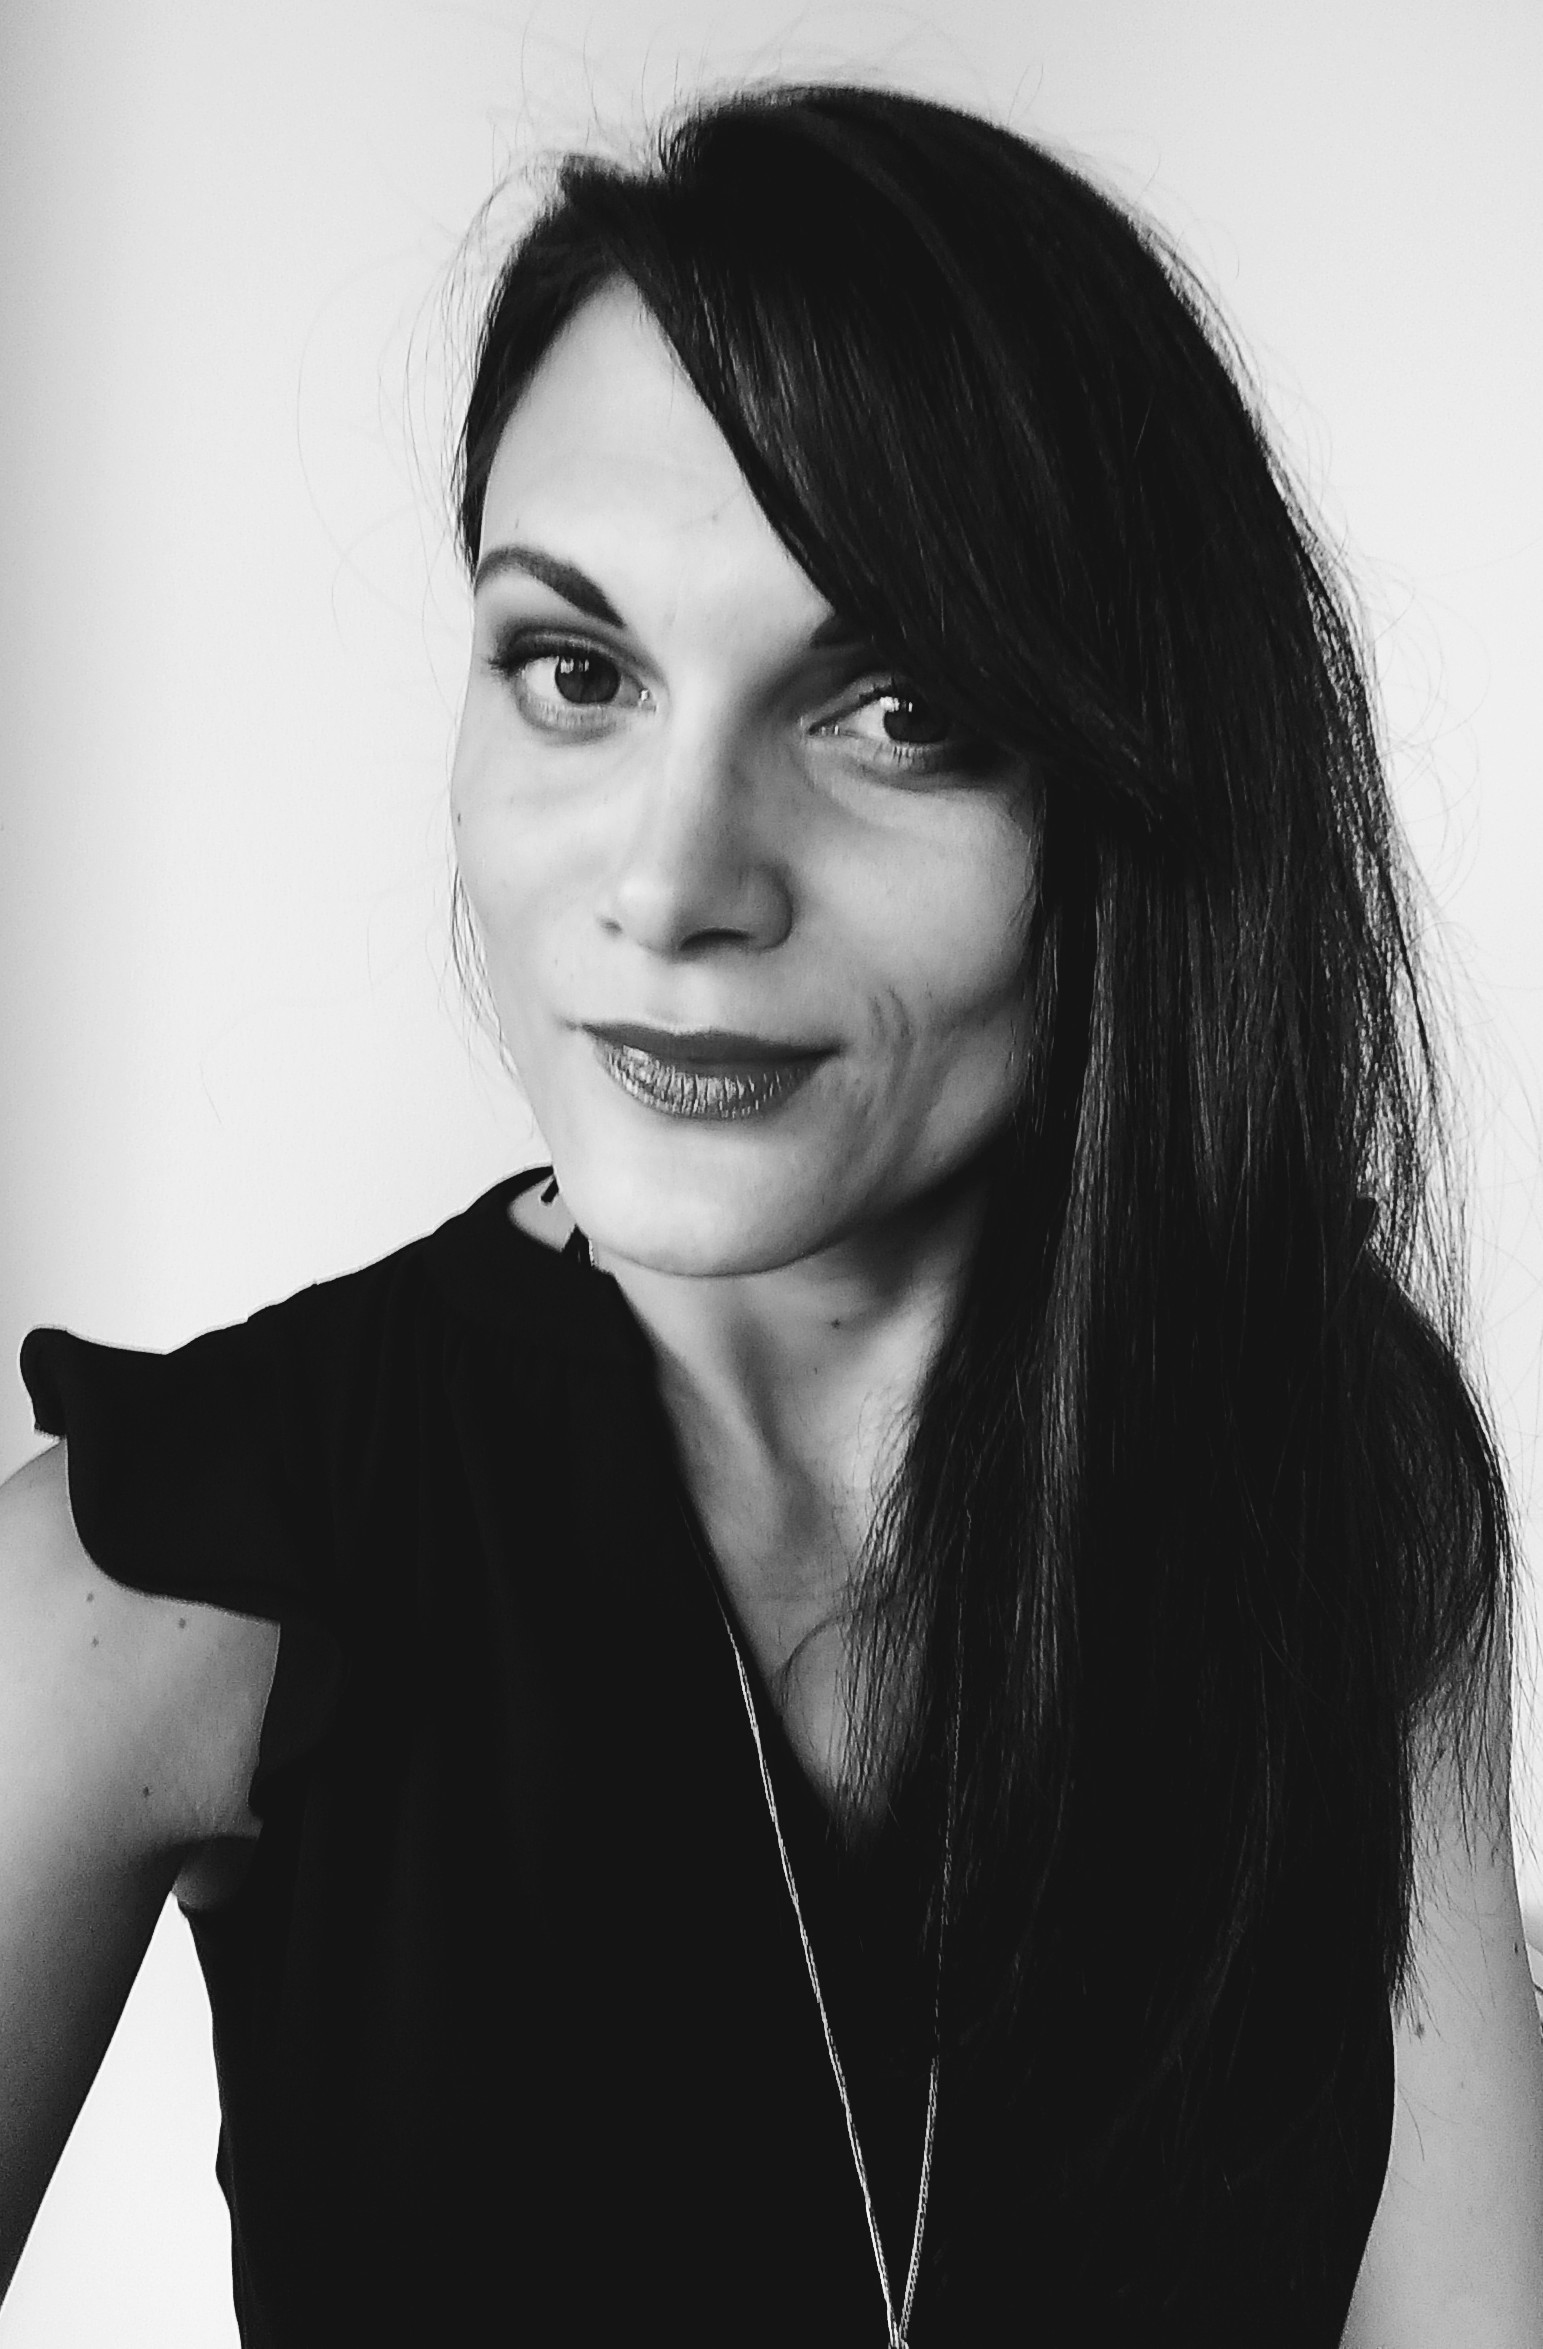 exploiter son plein potentiel et réussir sa vie une photo d'Anne-Claire Curtil life coach à votre écoute